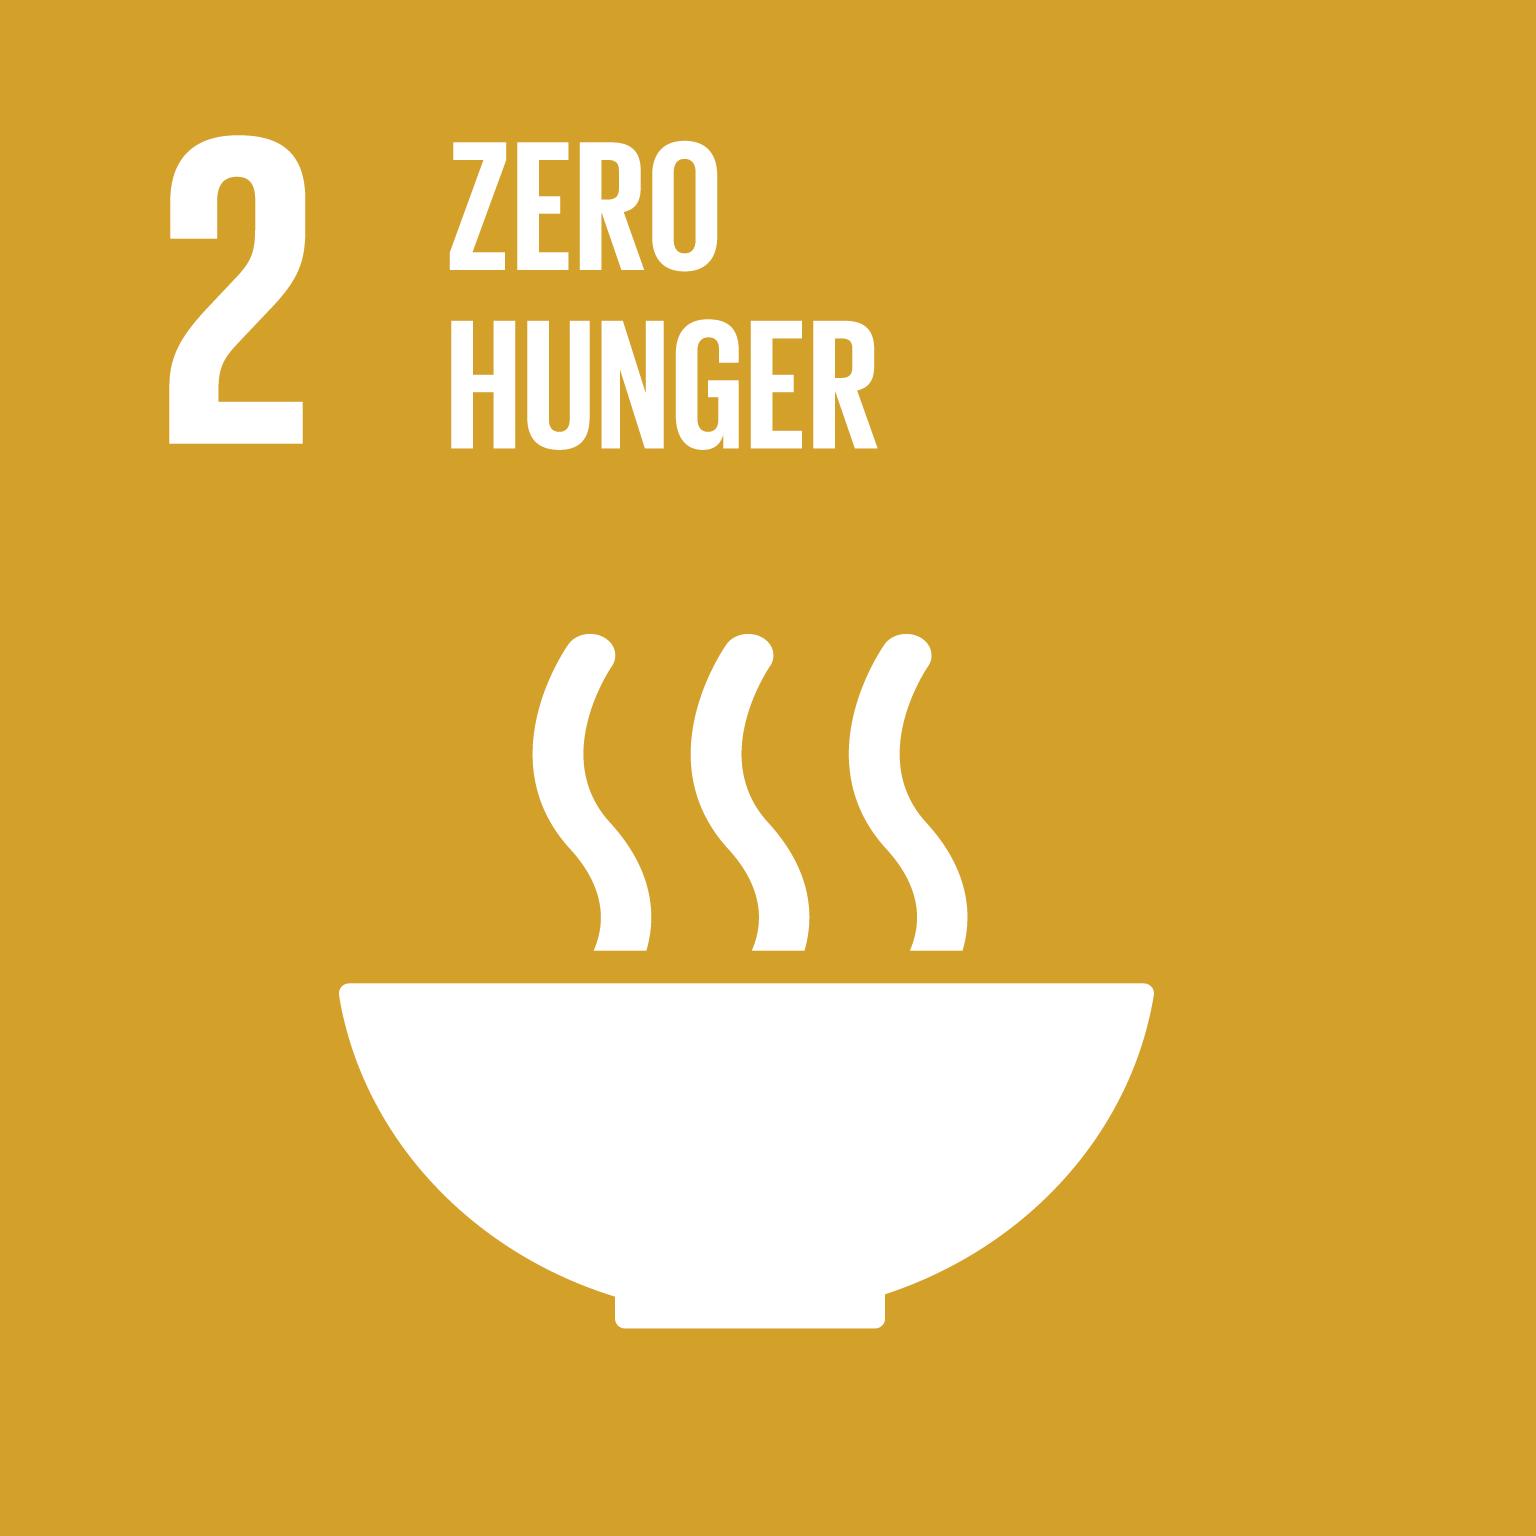 SDG 2 - Zero Hunger